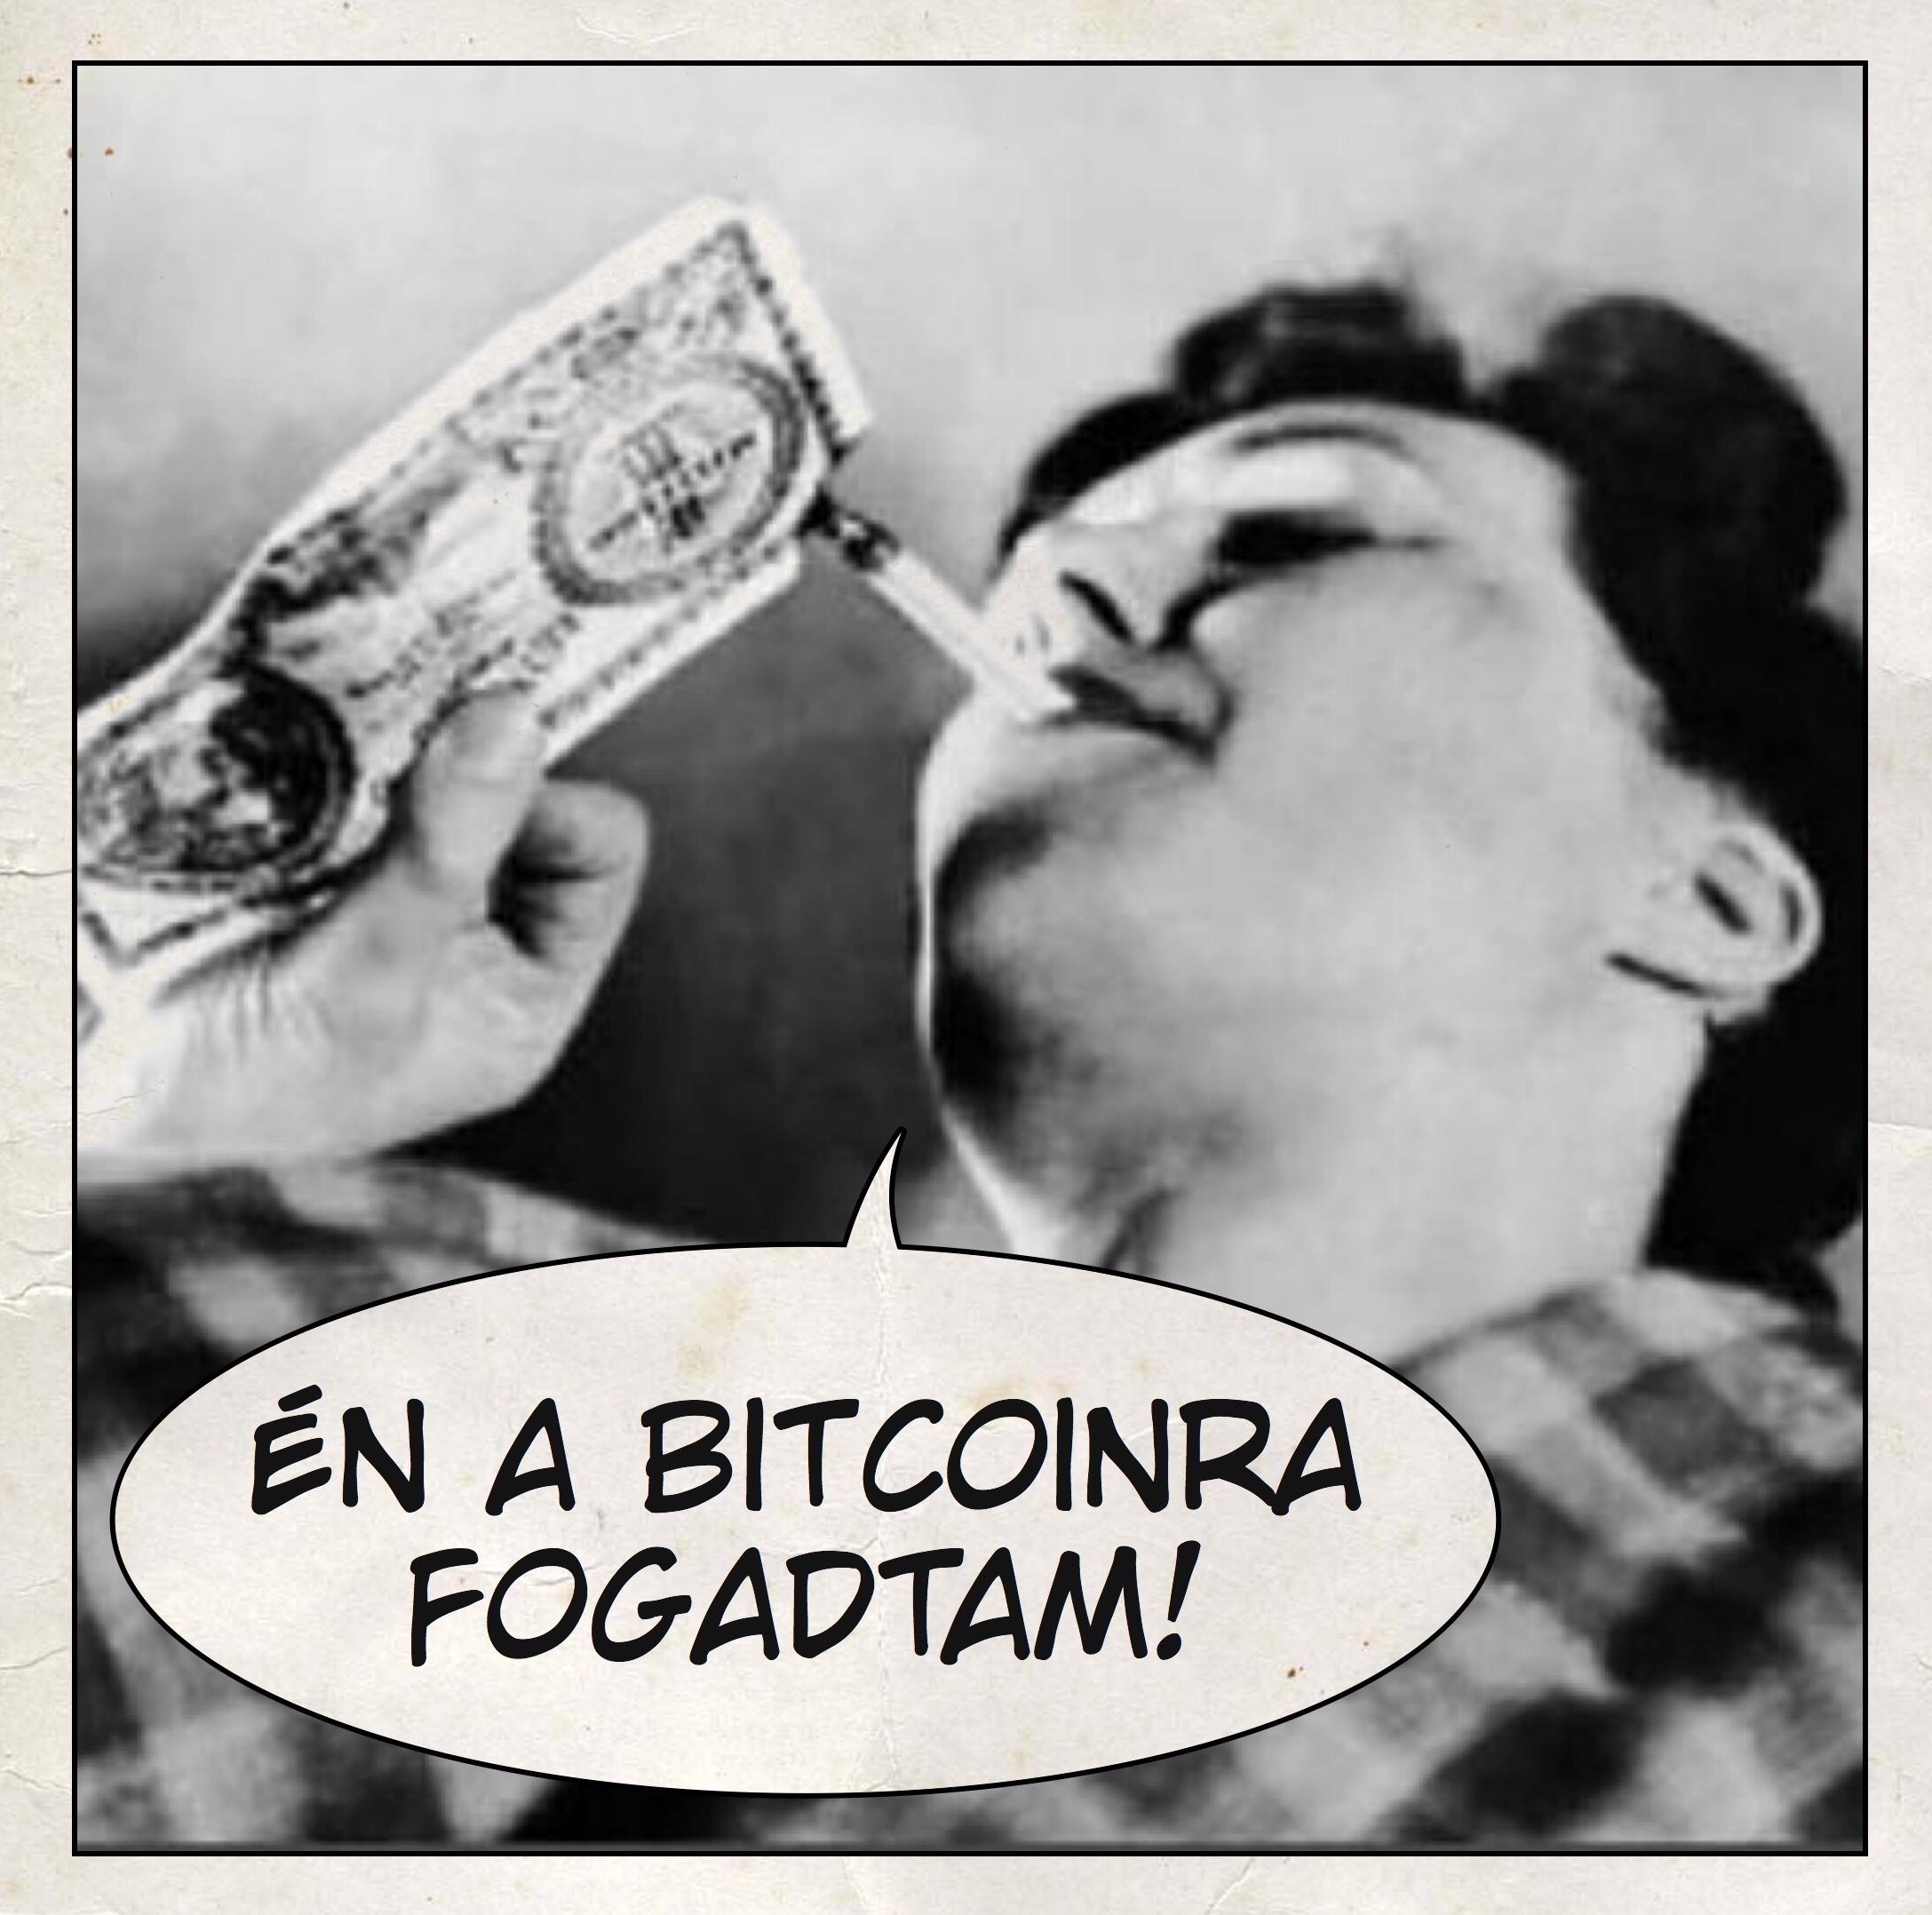 Én a bitcoinra fogadtam!